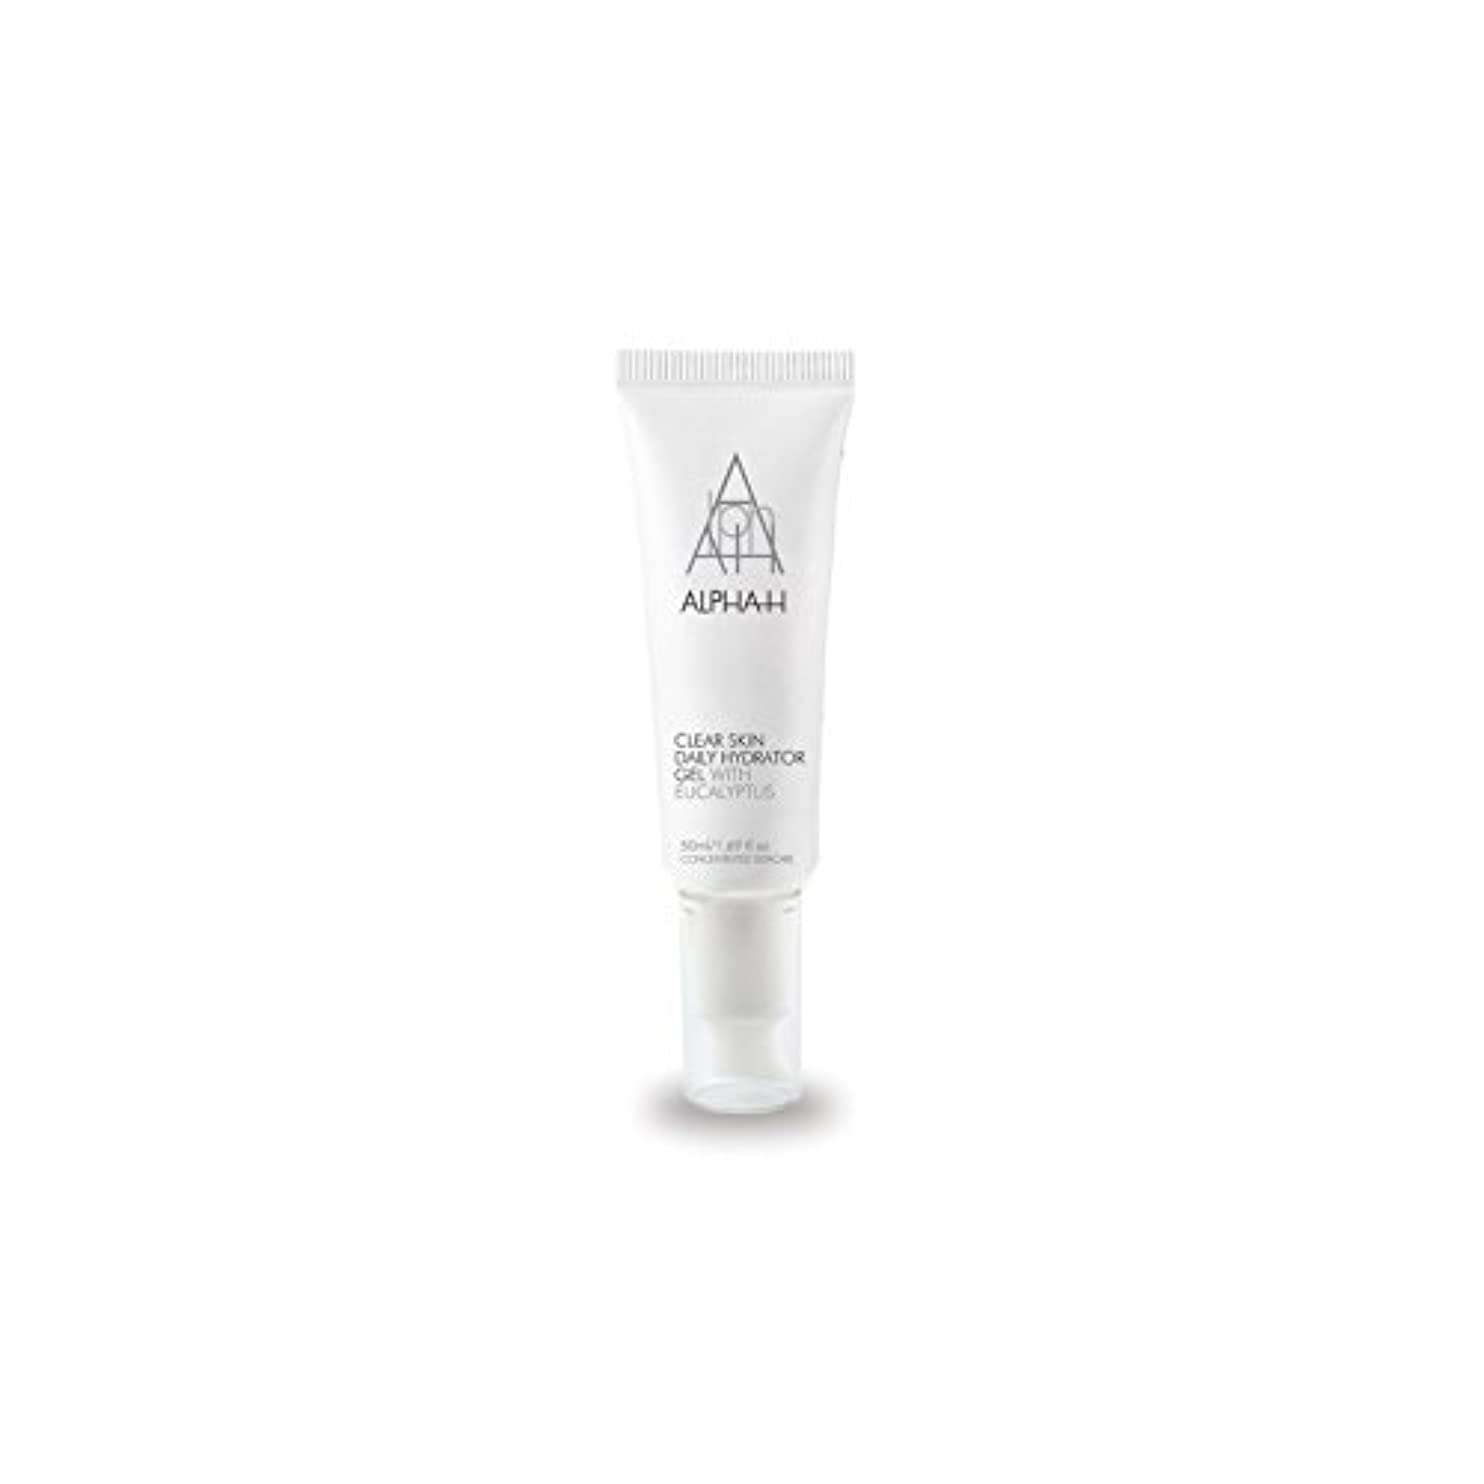 分散全能モッキンバードアルファクリア皮膚毎日ハイドレーターゲル(50)中 x4 - Alpha-H Clear Skin Daily Hydrator Gel (50ml) (Pack of 4) [並行輸入品]